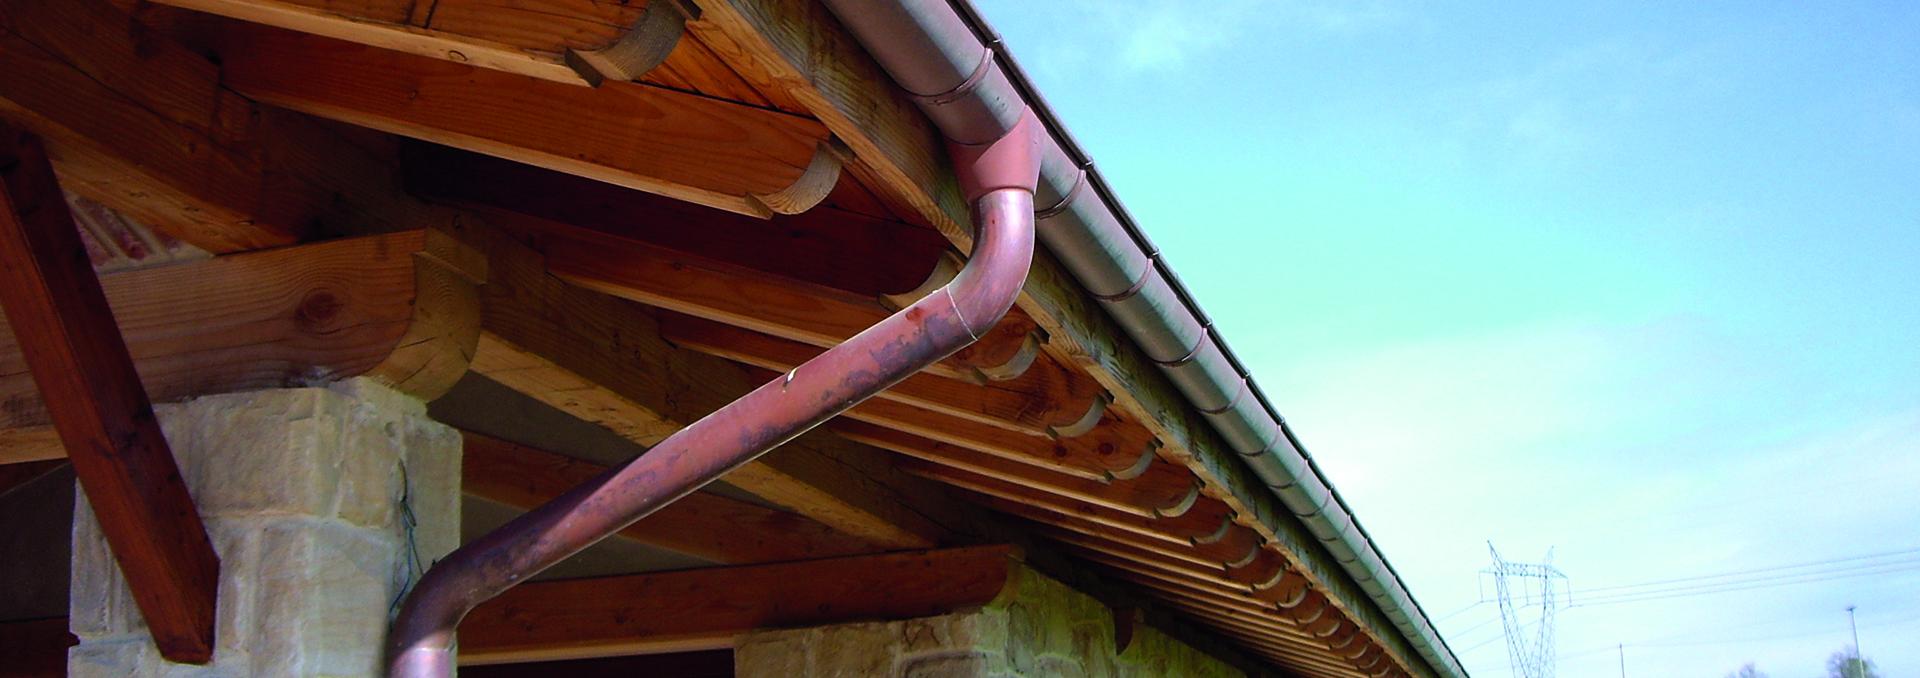 Servicios de limpieza y reparaci n de canalones ademas de - Instalacion de canalones ...